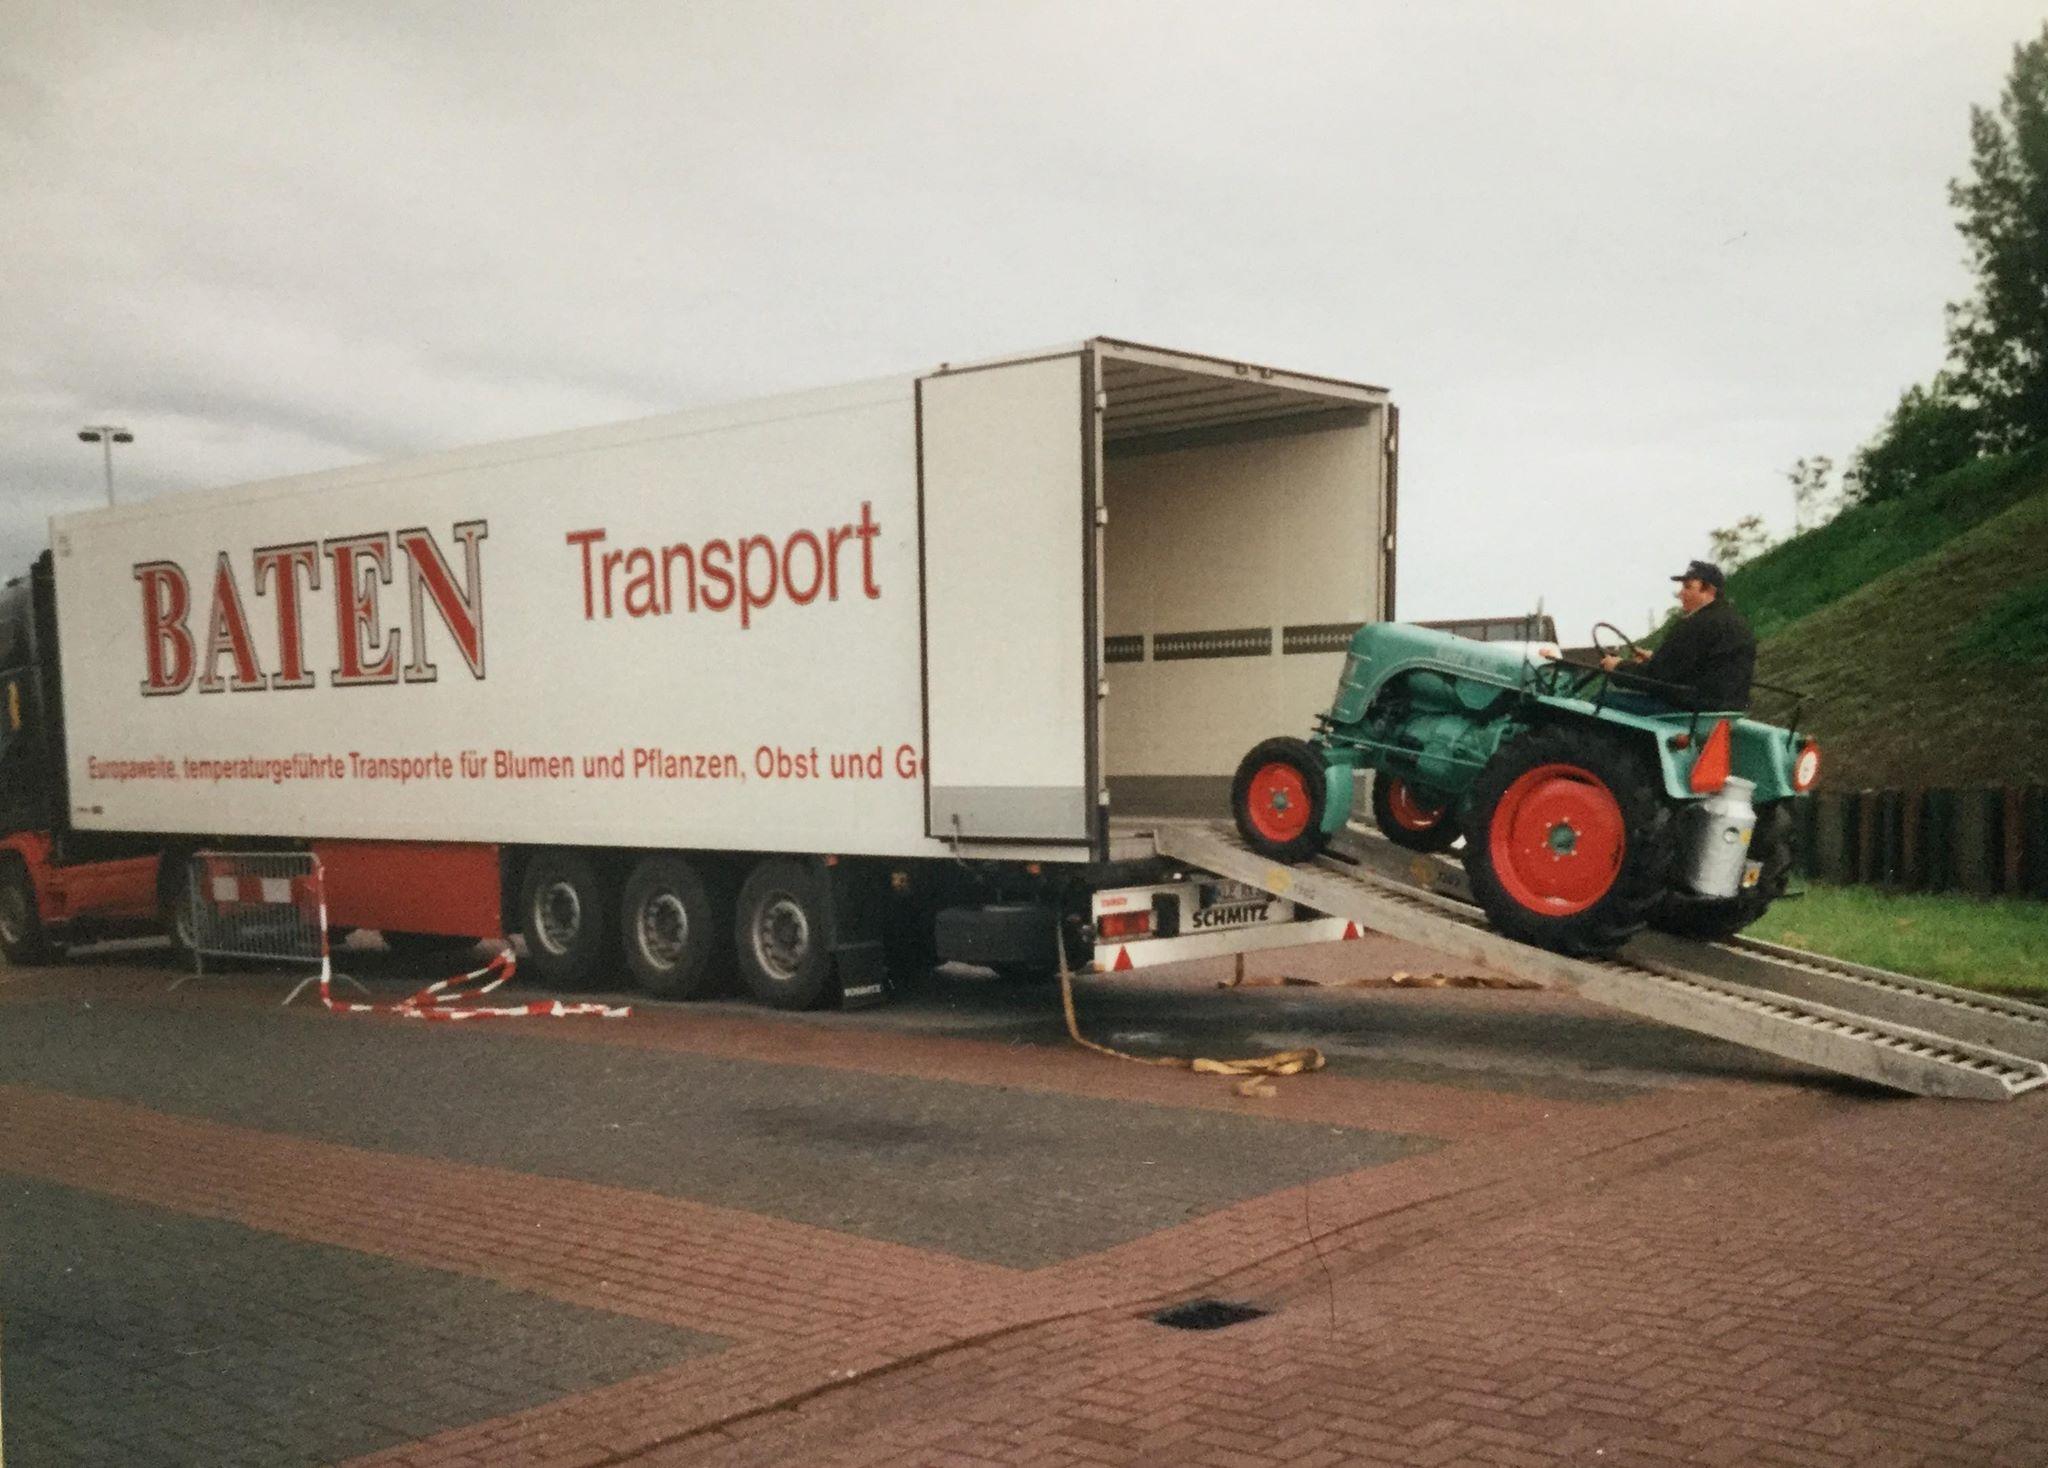 Traktor-laden-2